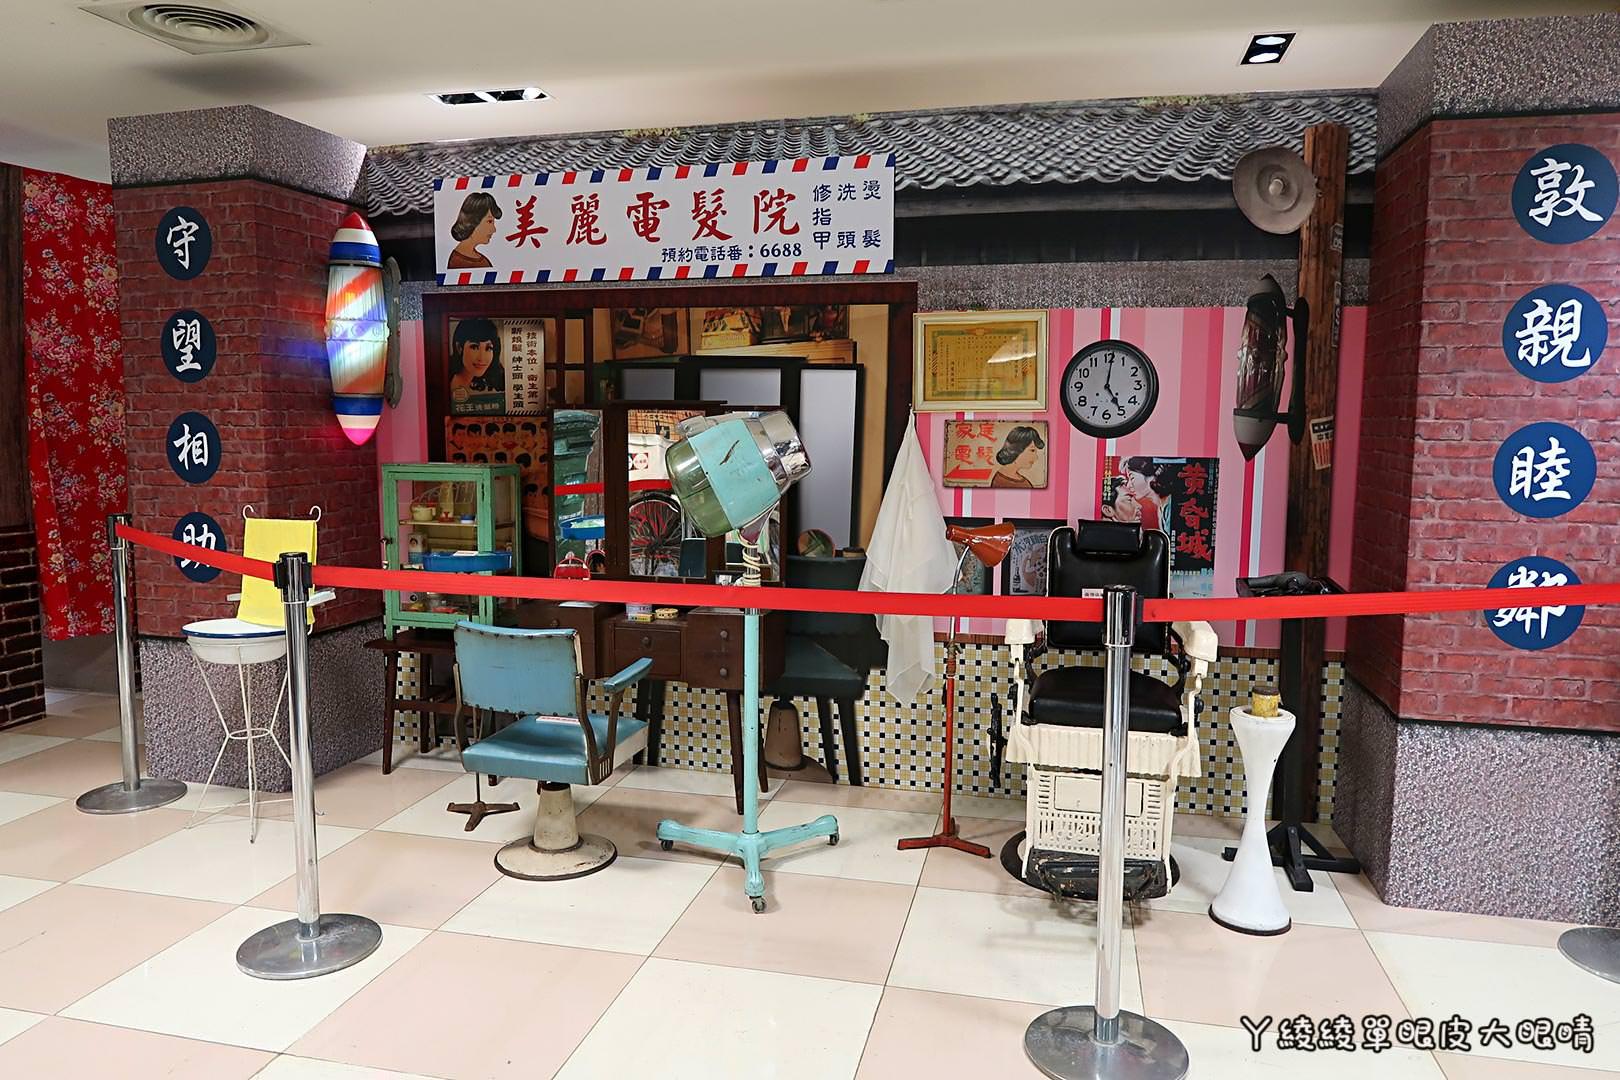 新光三越新竹中華店,戀戀風城懷舊展帶你進入50年代的回憶隧道